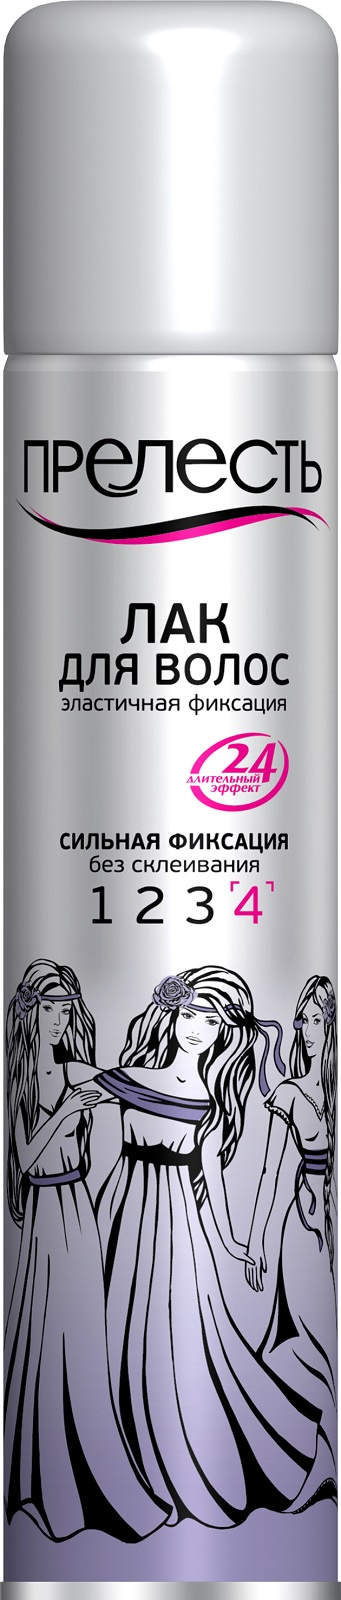 Лак для волос Прелесть Cильная фиксация, 200 мл для волос фаберлик отзывы